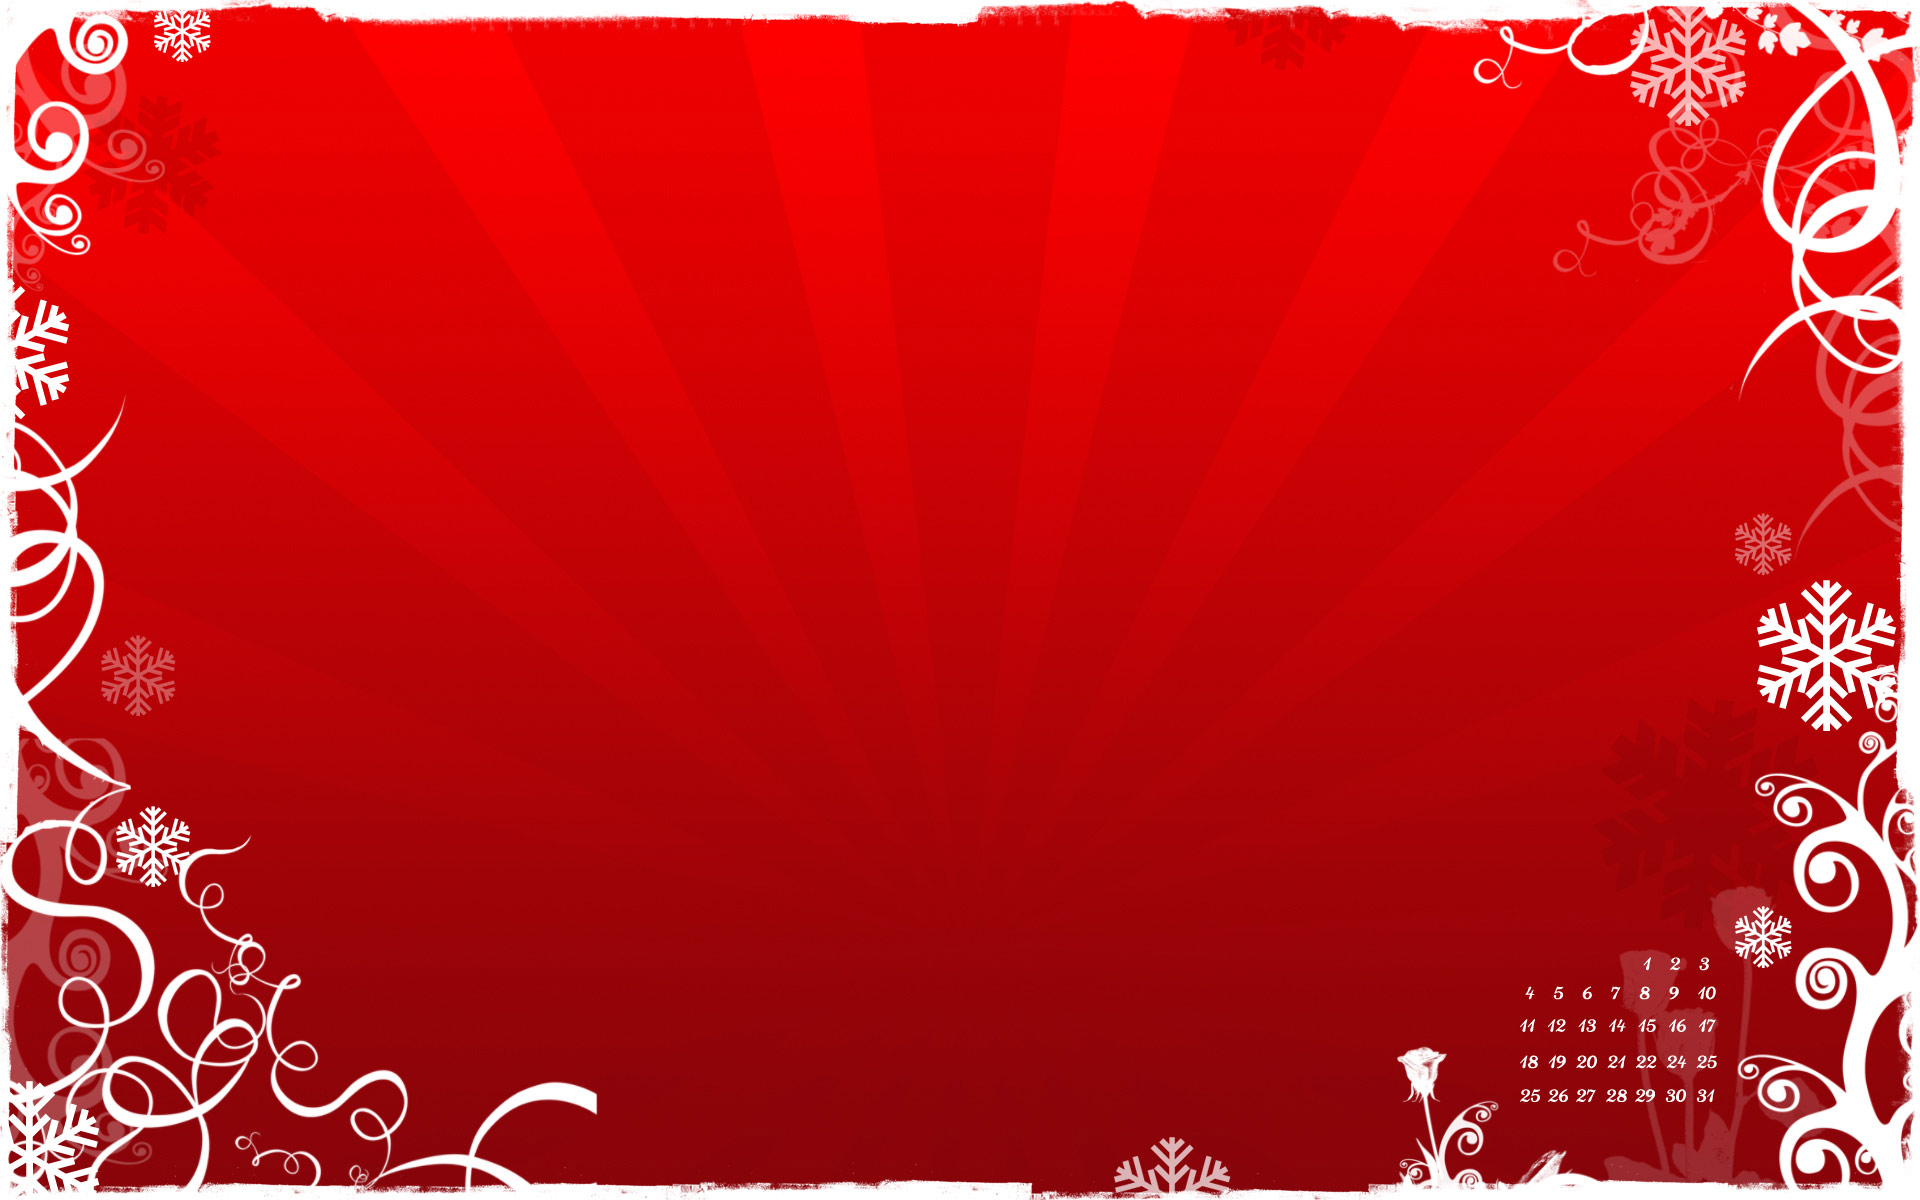 Фон красный для открытки